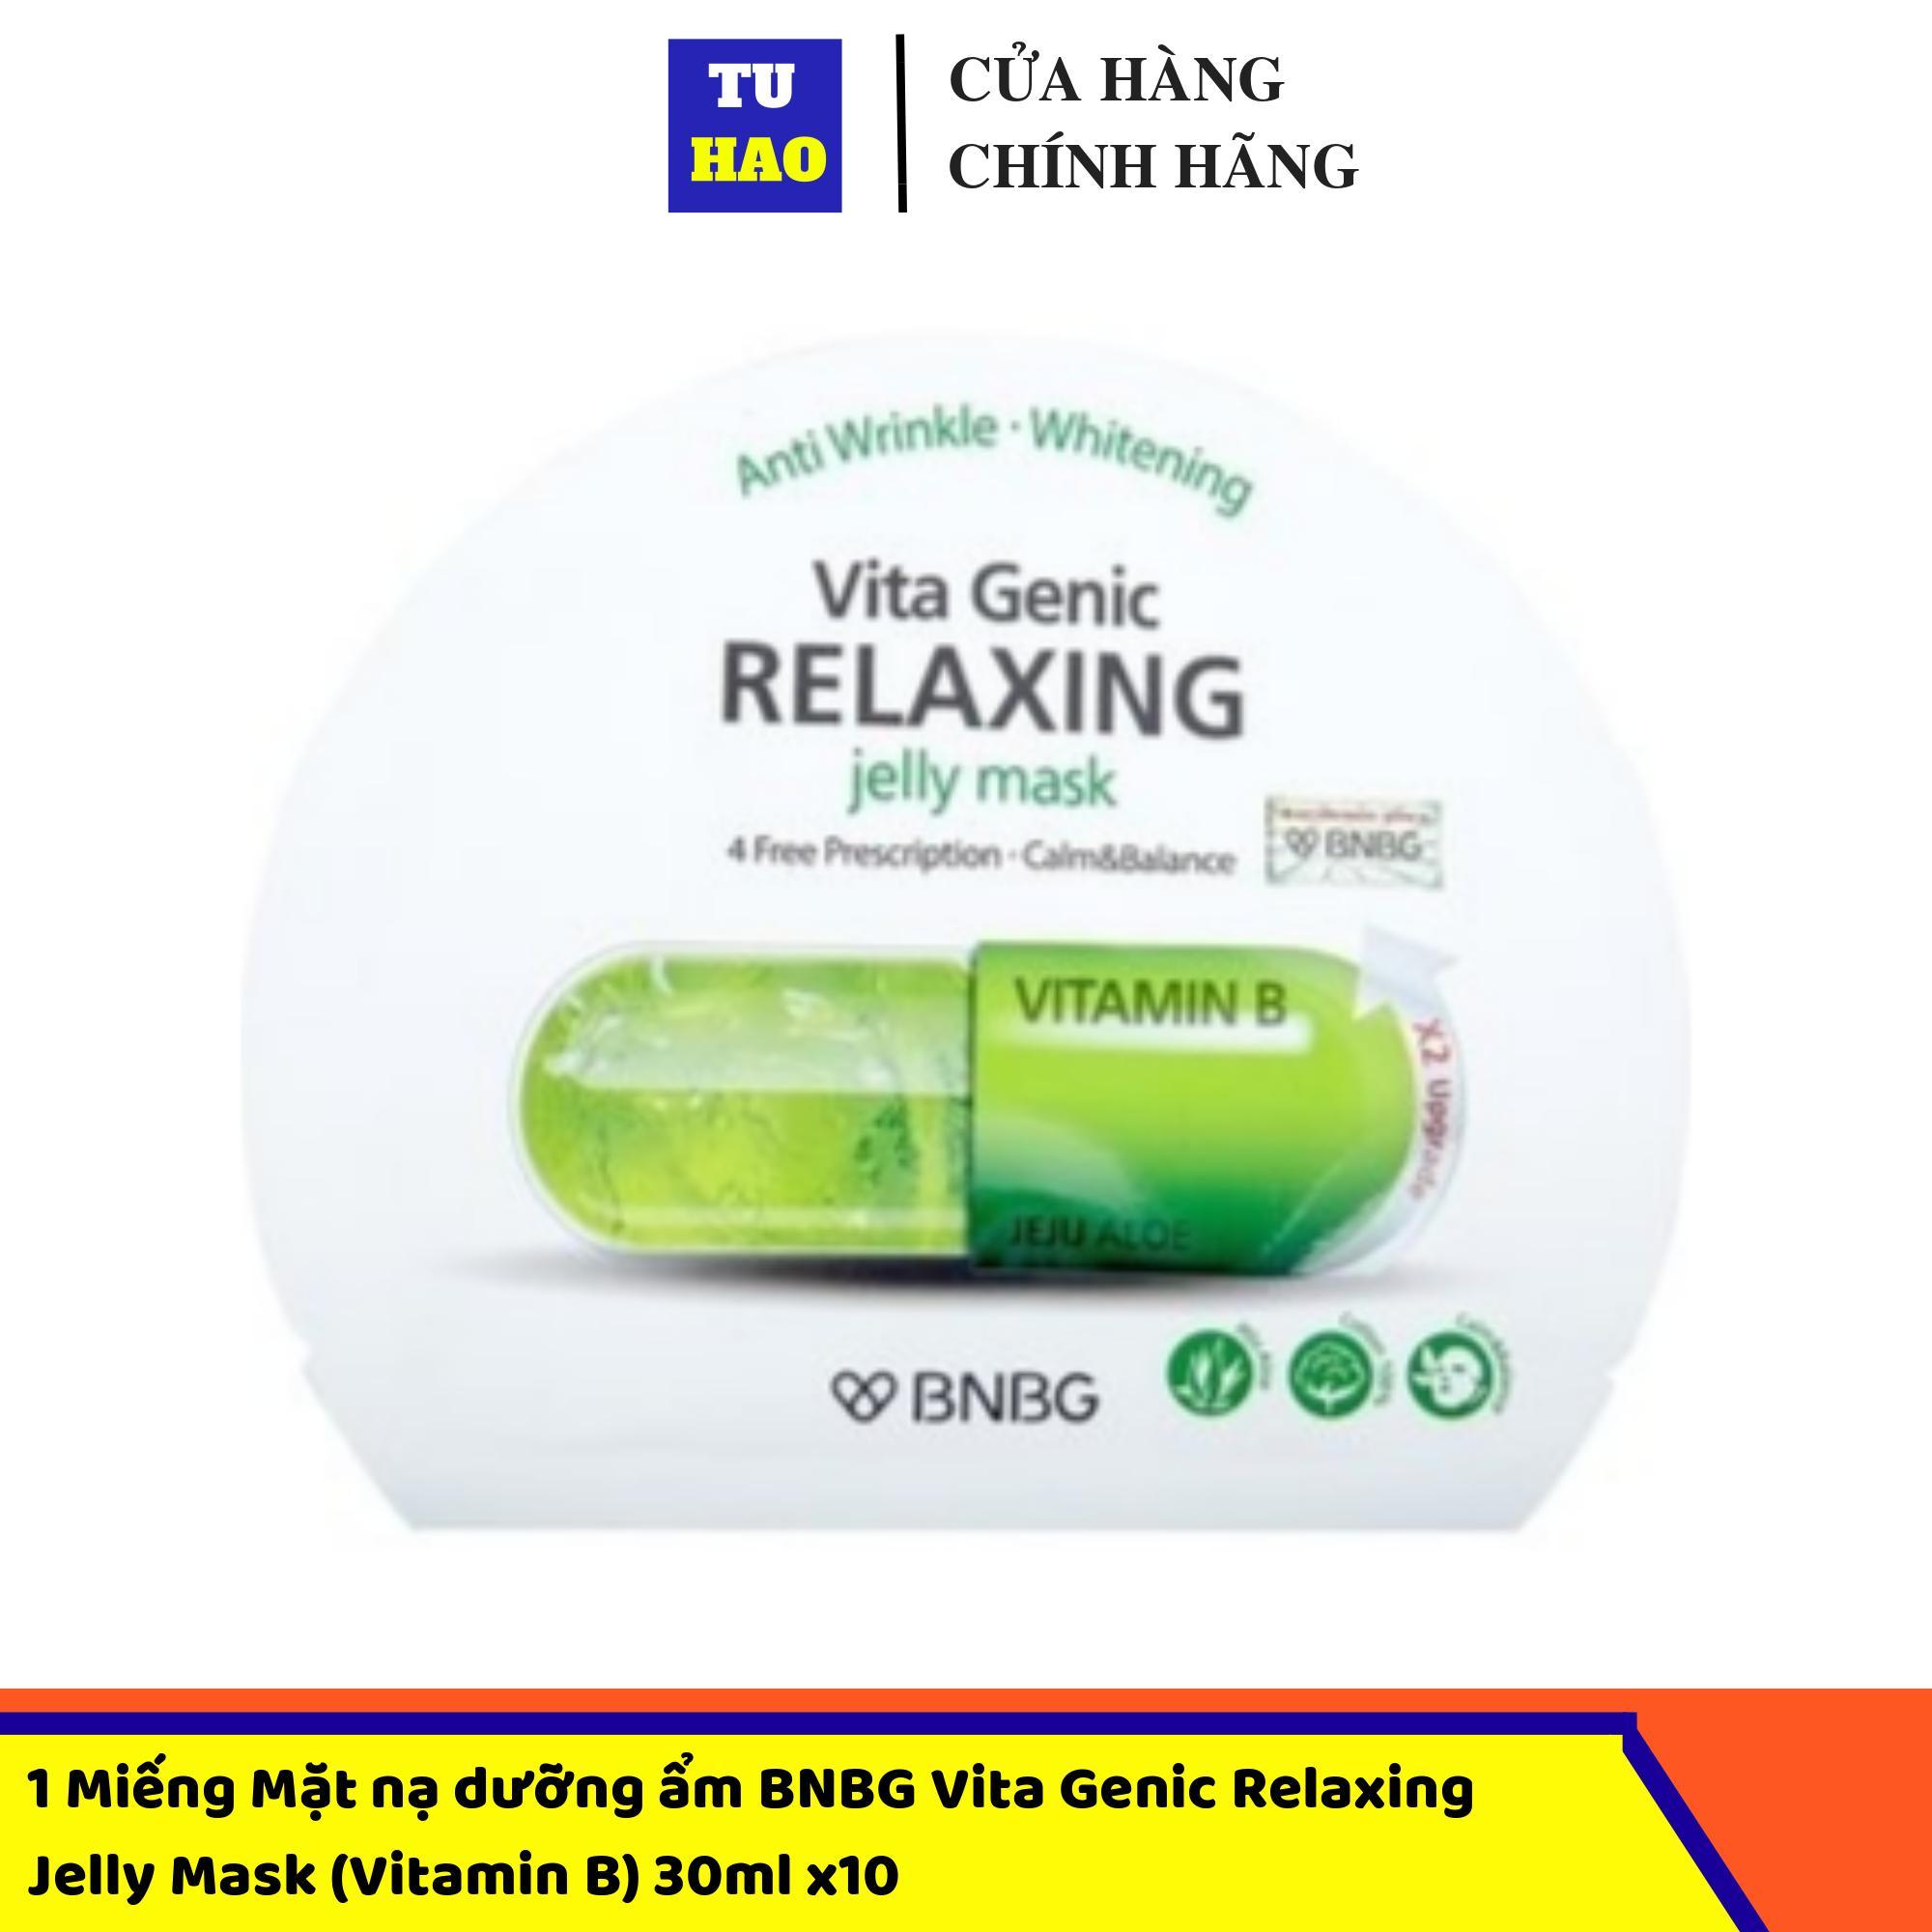 1 Miếng Mặt nạ dưỡng ẩm BNBG Vita Genic Relaxing Jelly Mask (Vitamin B) 30ml x10 cao cấp